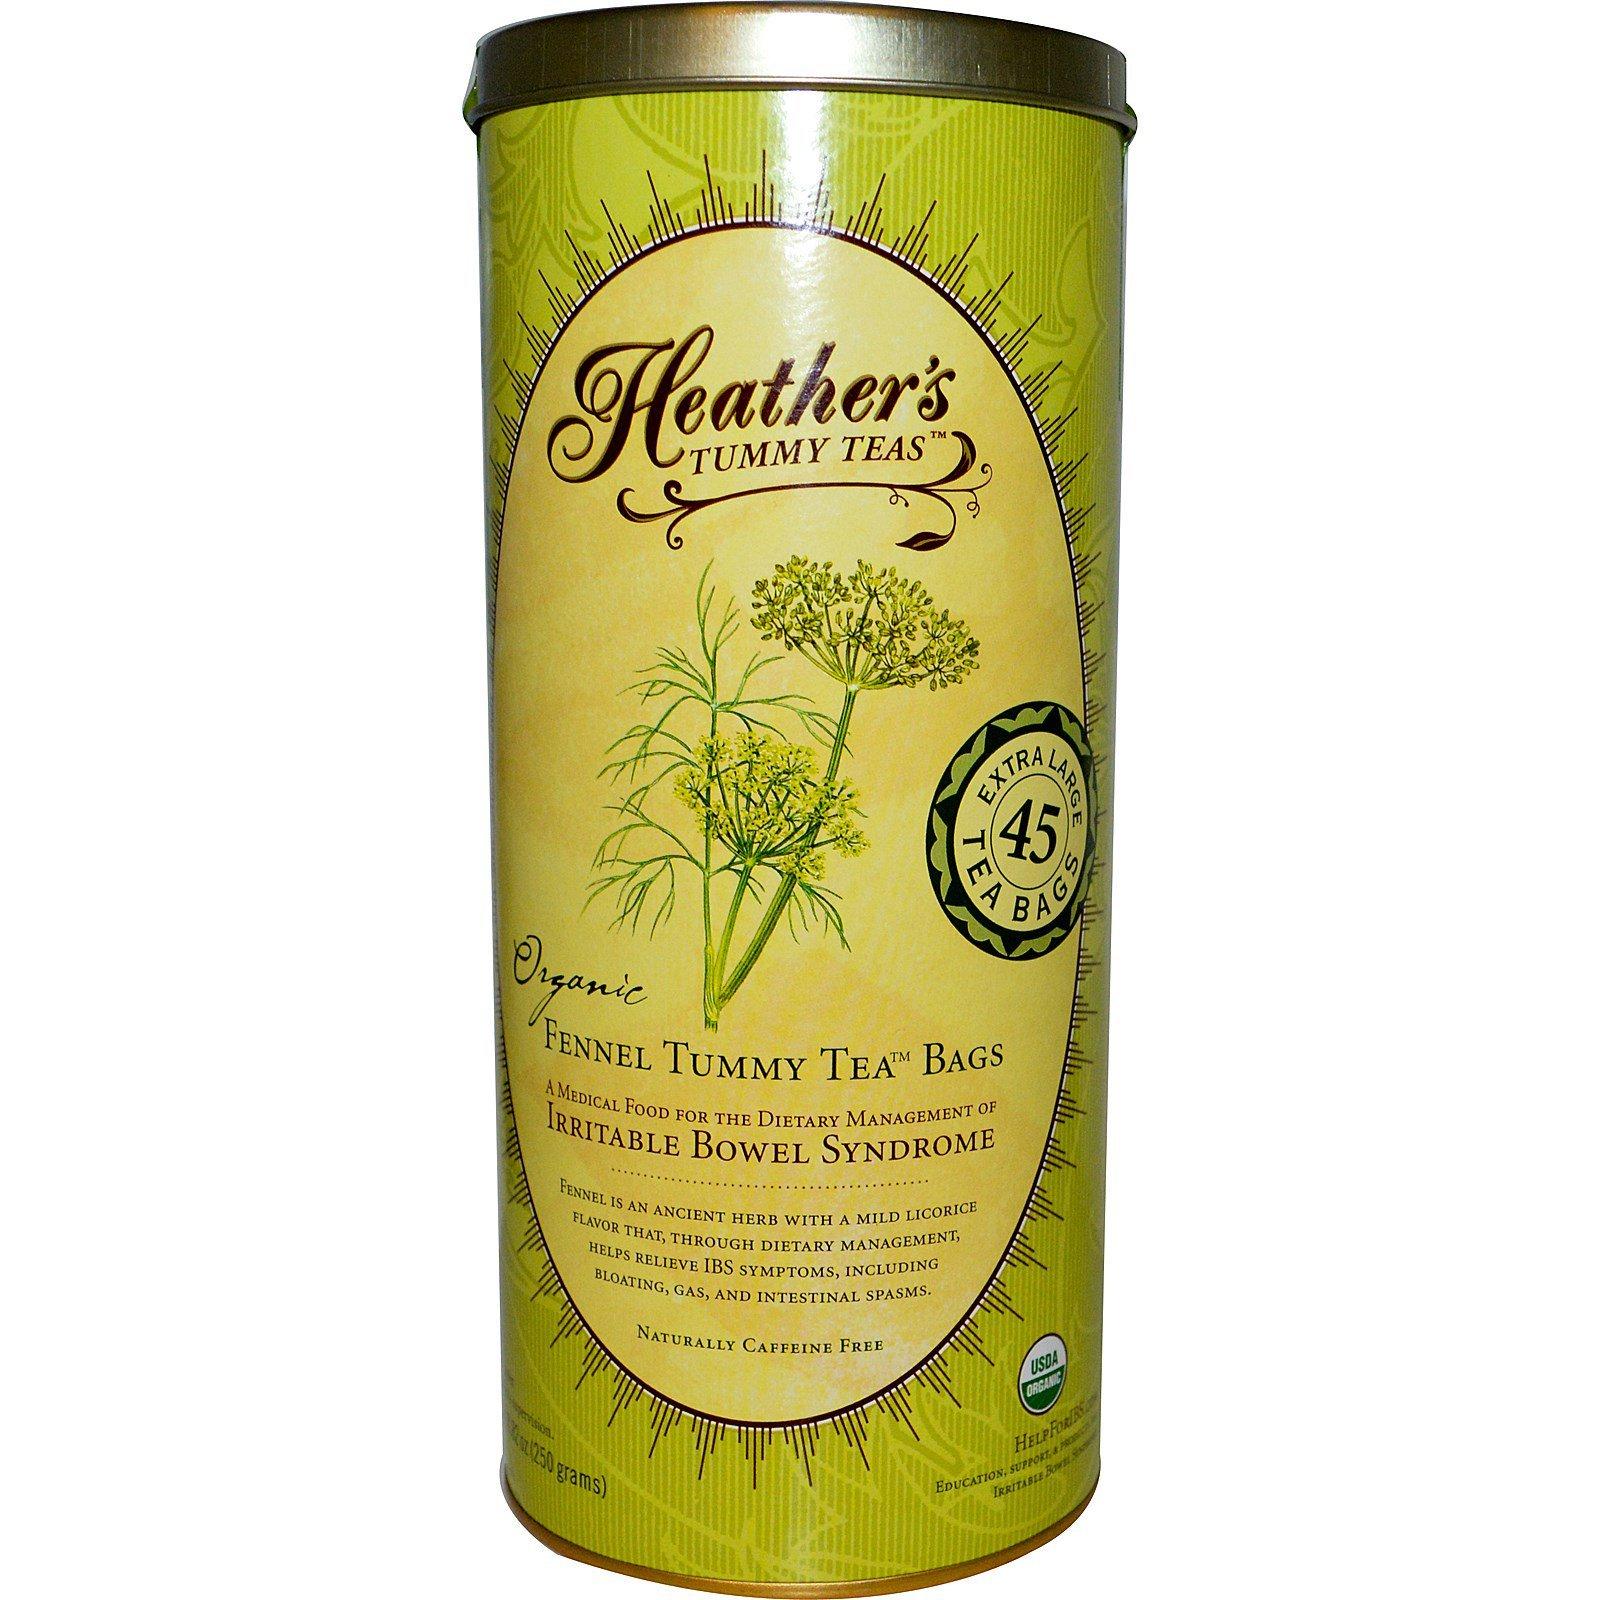 Heather's Tummy Care, Чай от живота, пакетики с натуральным фенхелем, без кофеина, 45 пакетиков, 8.82 унций (250 г)